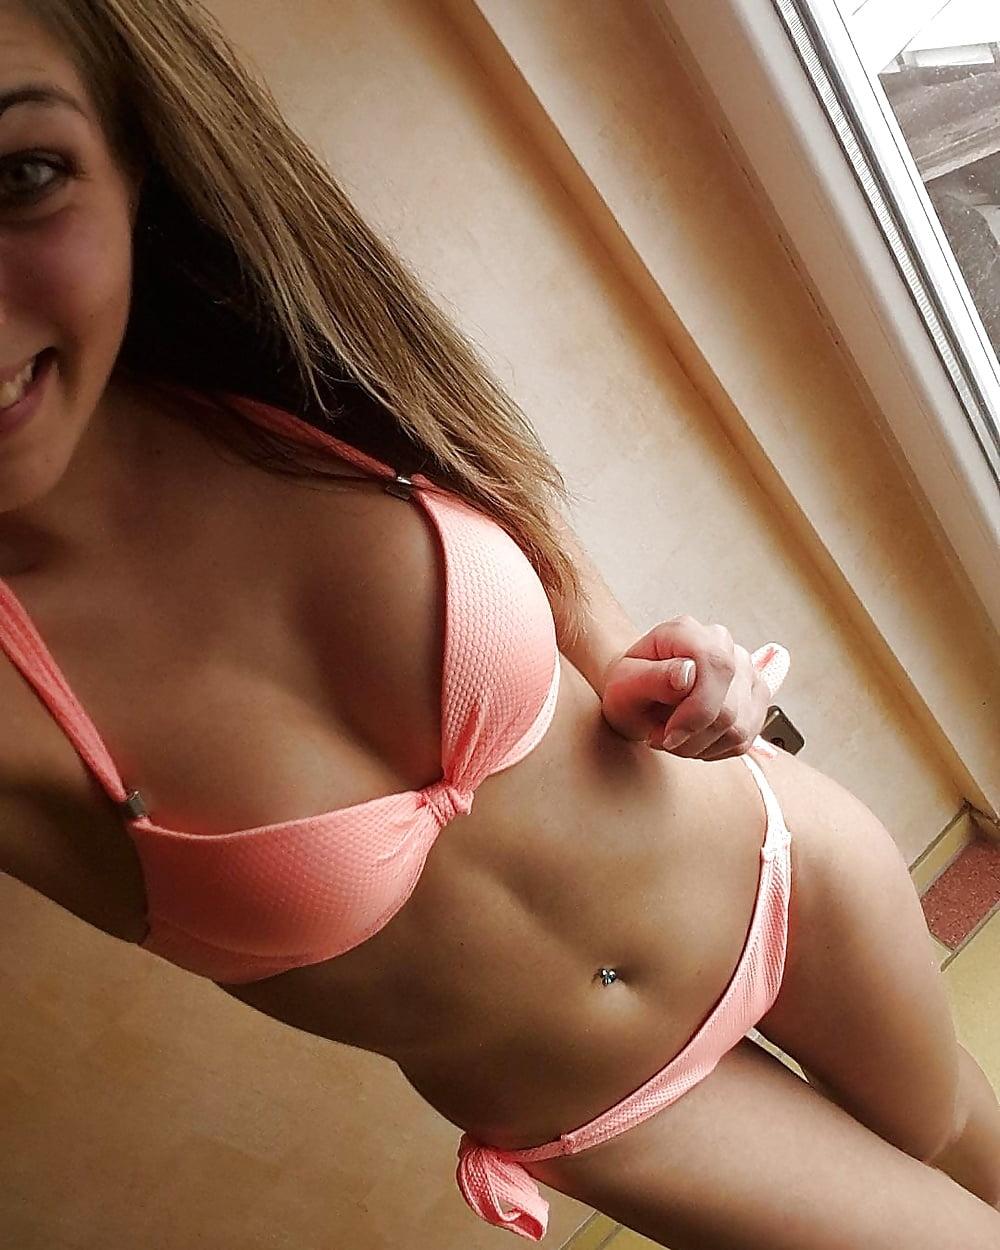 Hot Teen Bitch Porn Pics